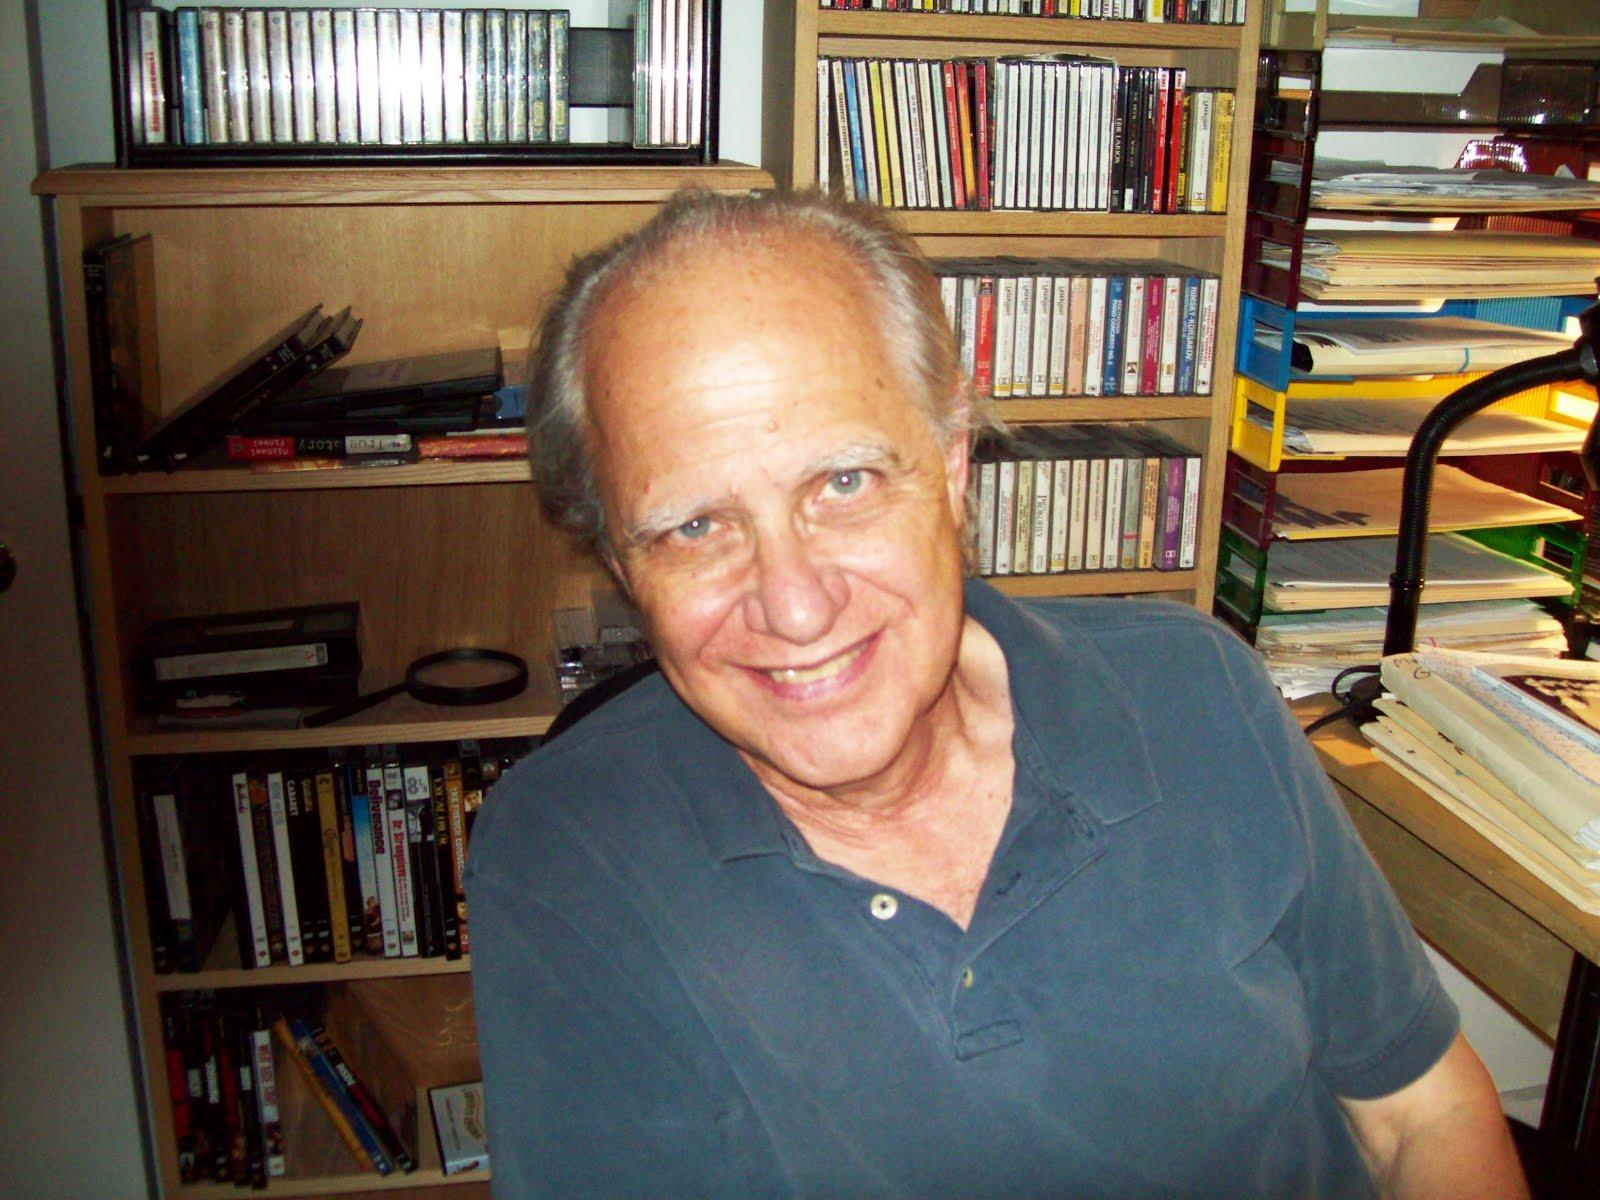 Erich Goode, profesor emérito en sociología de la Universidad de Stony Brooke en Nueva York.